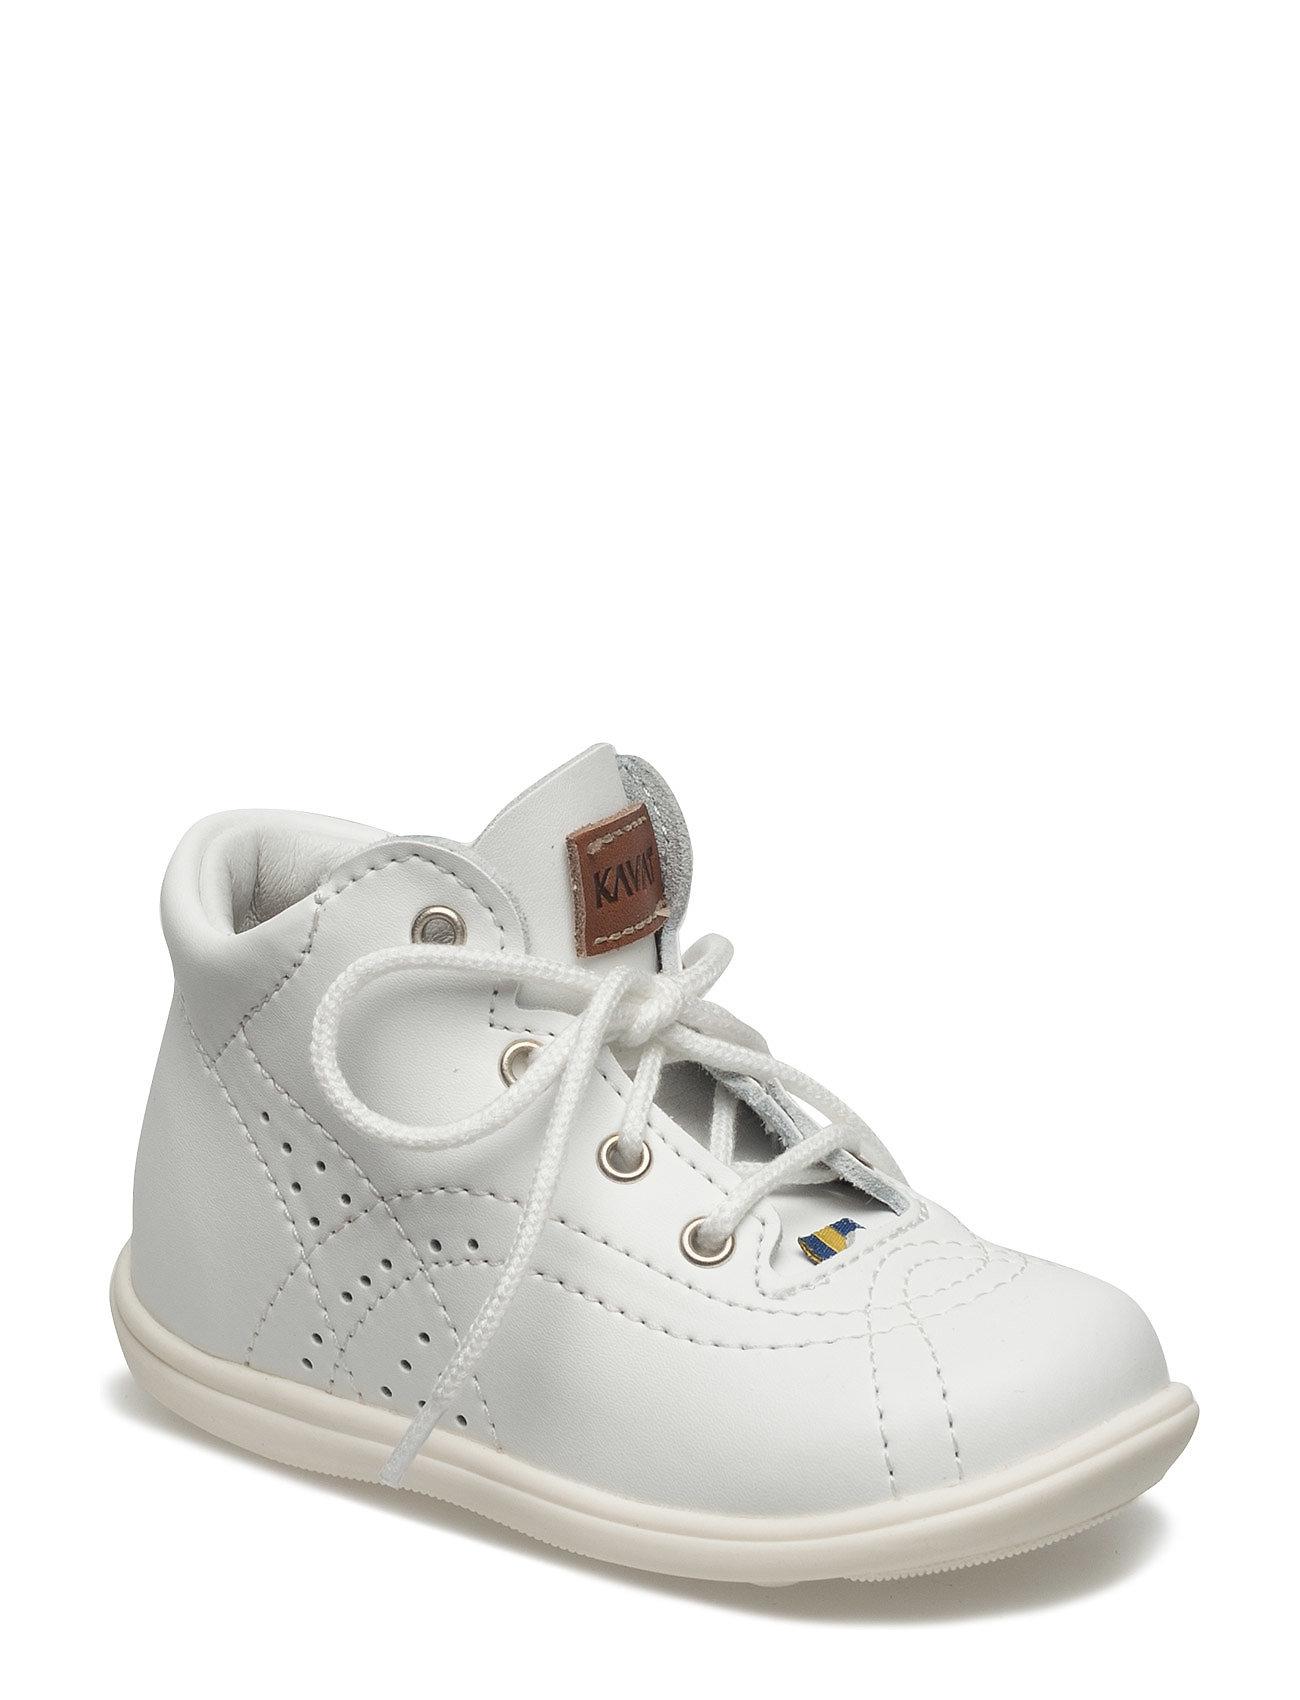 Edsbro Xc Kavat Sko & Sneakers til Børn i hvid